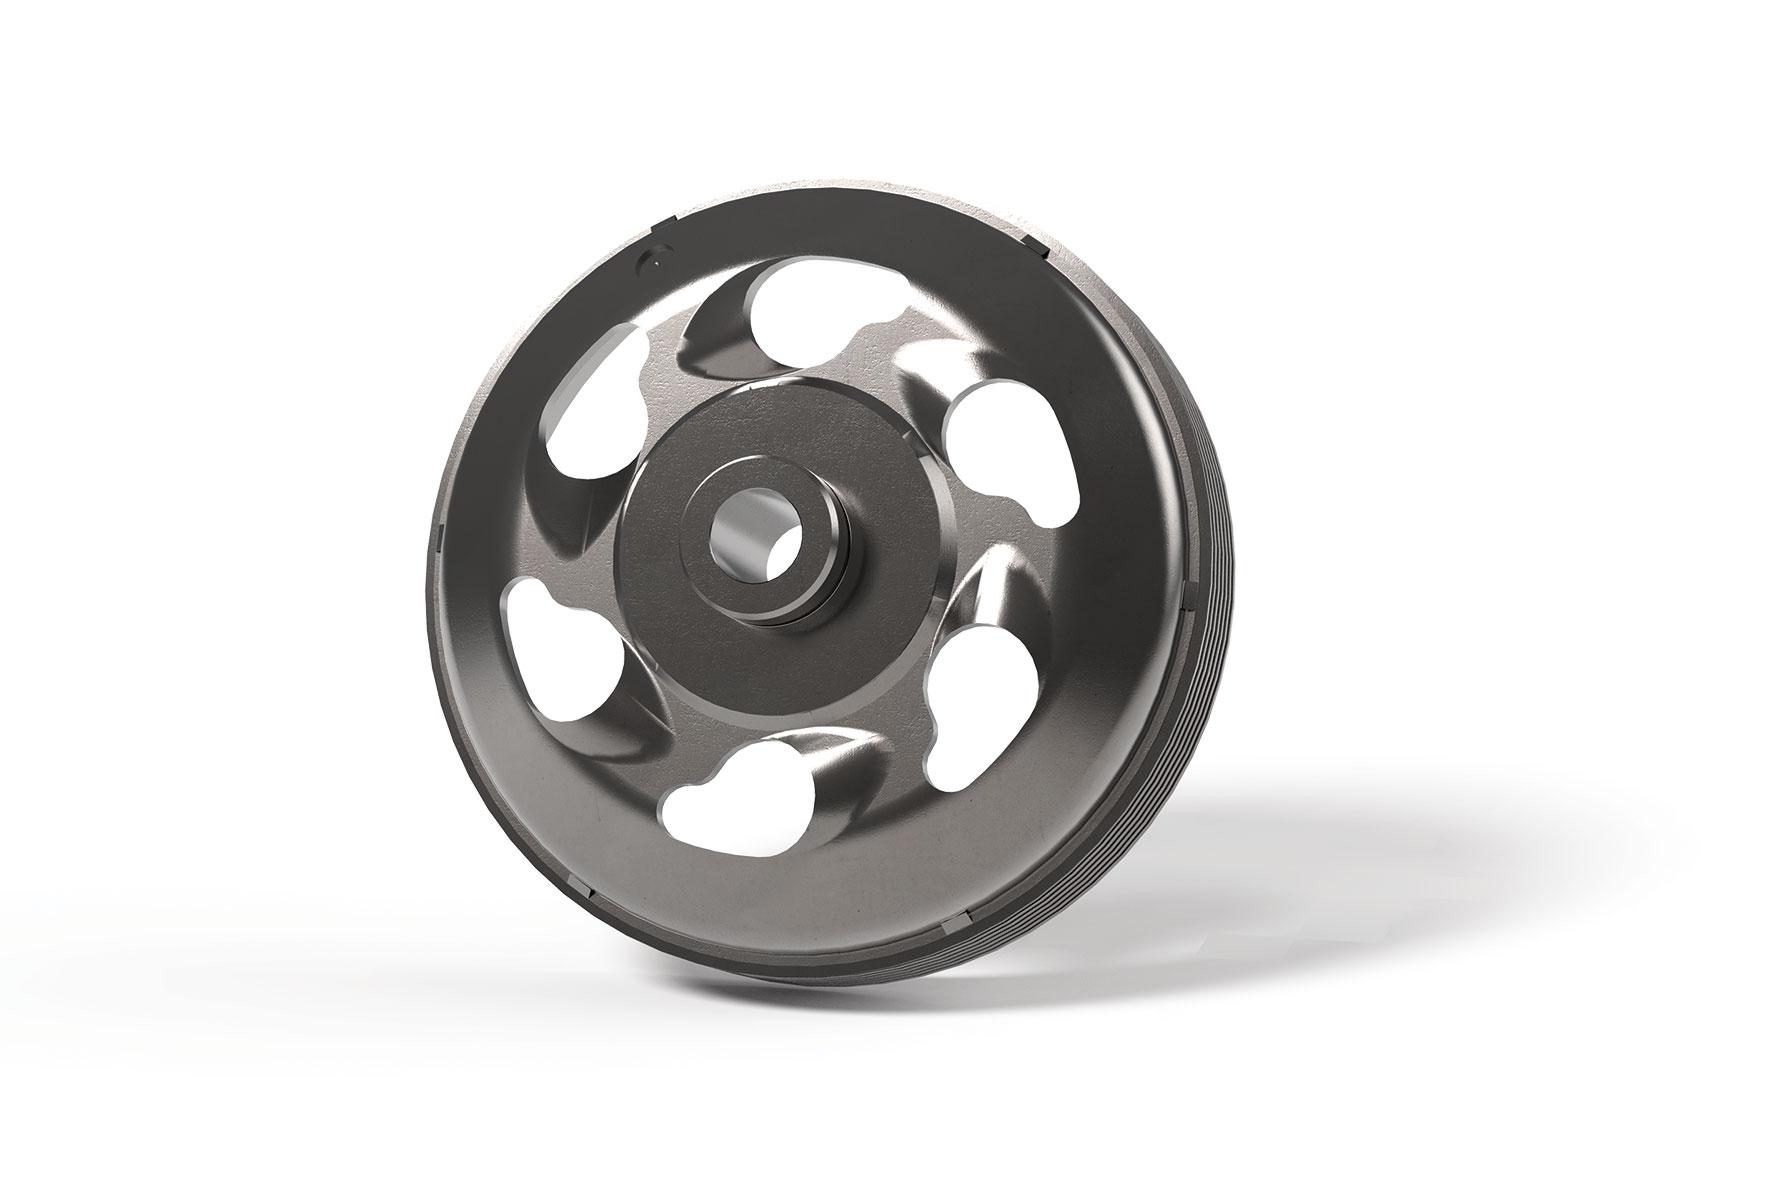 Campana frizione MAXI WING CLUTCH BELL Ø interno 160 mm e peso 1734 grammi